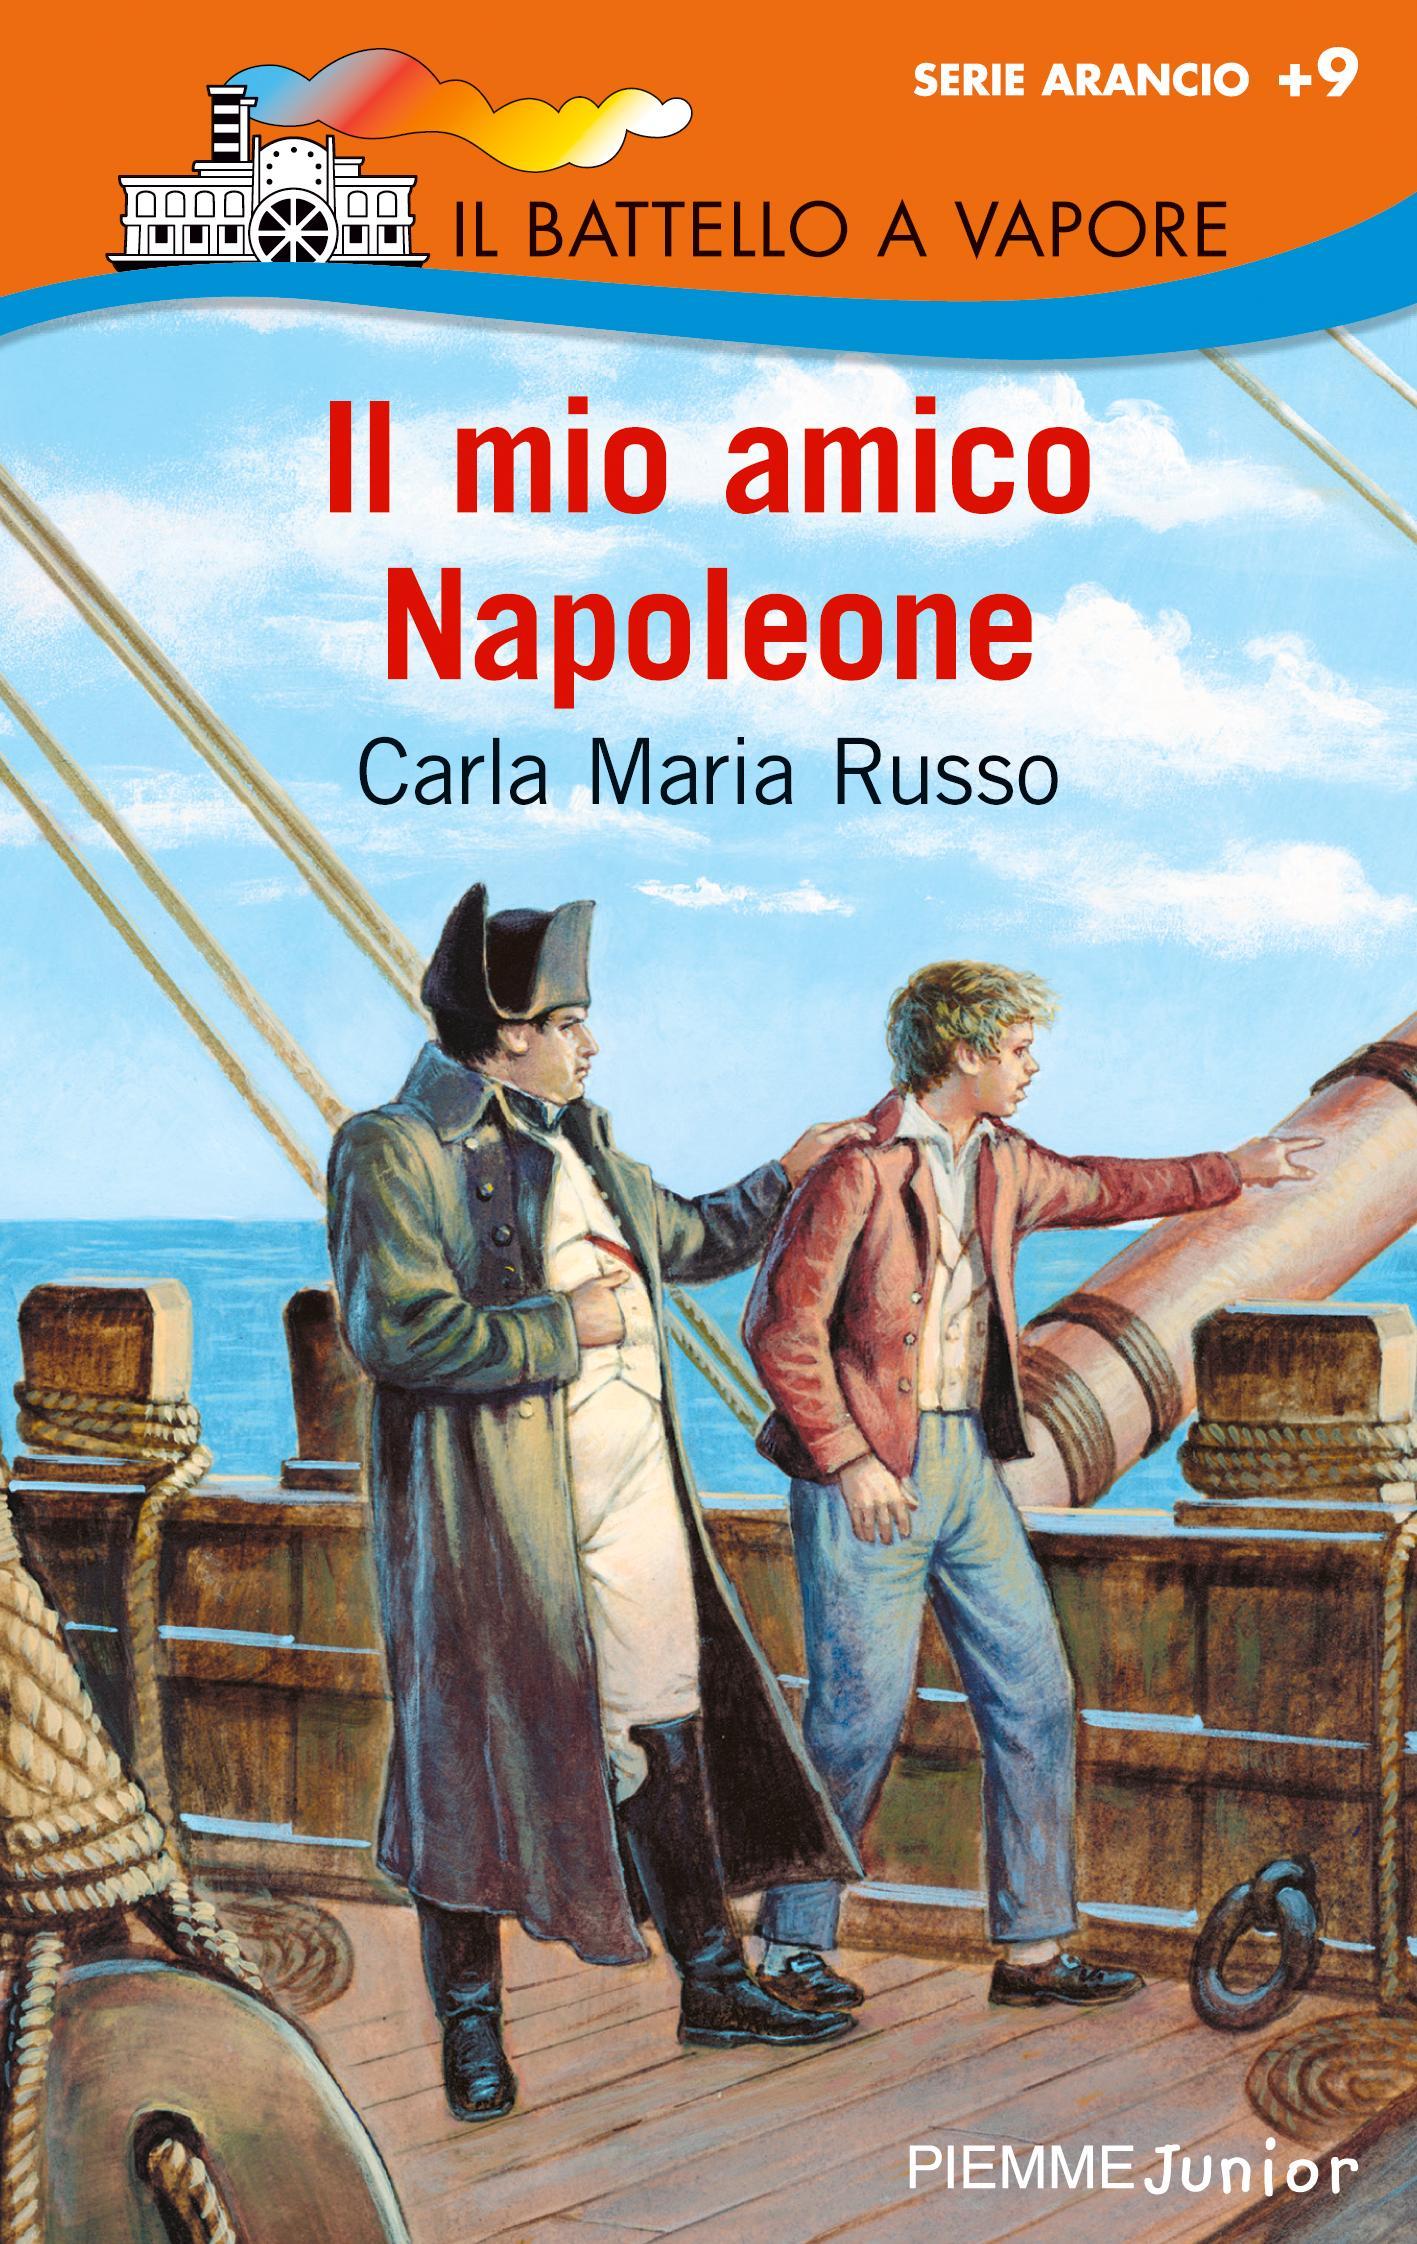 Il mio amico Napoleo...